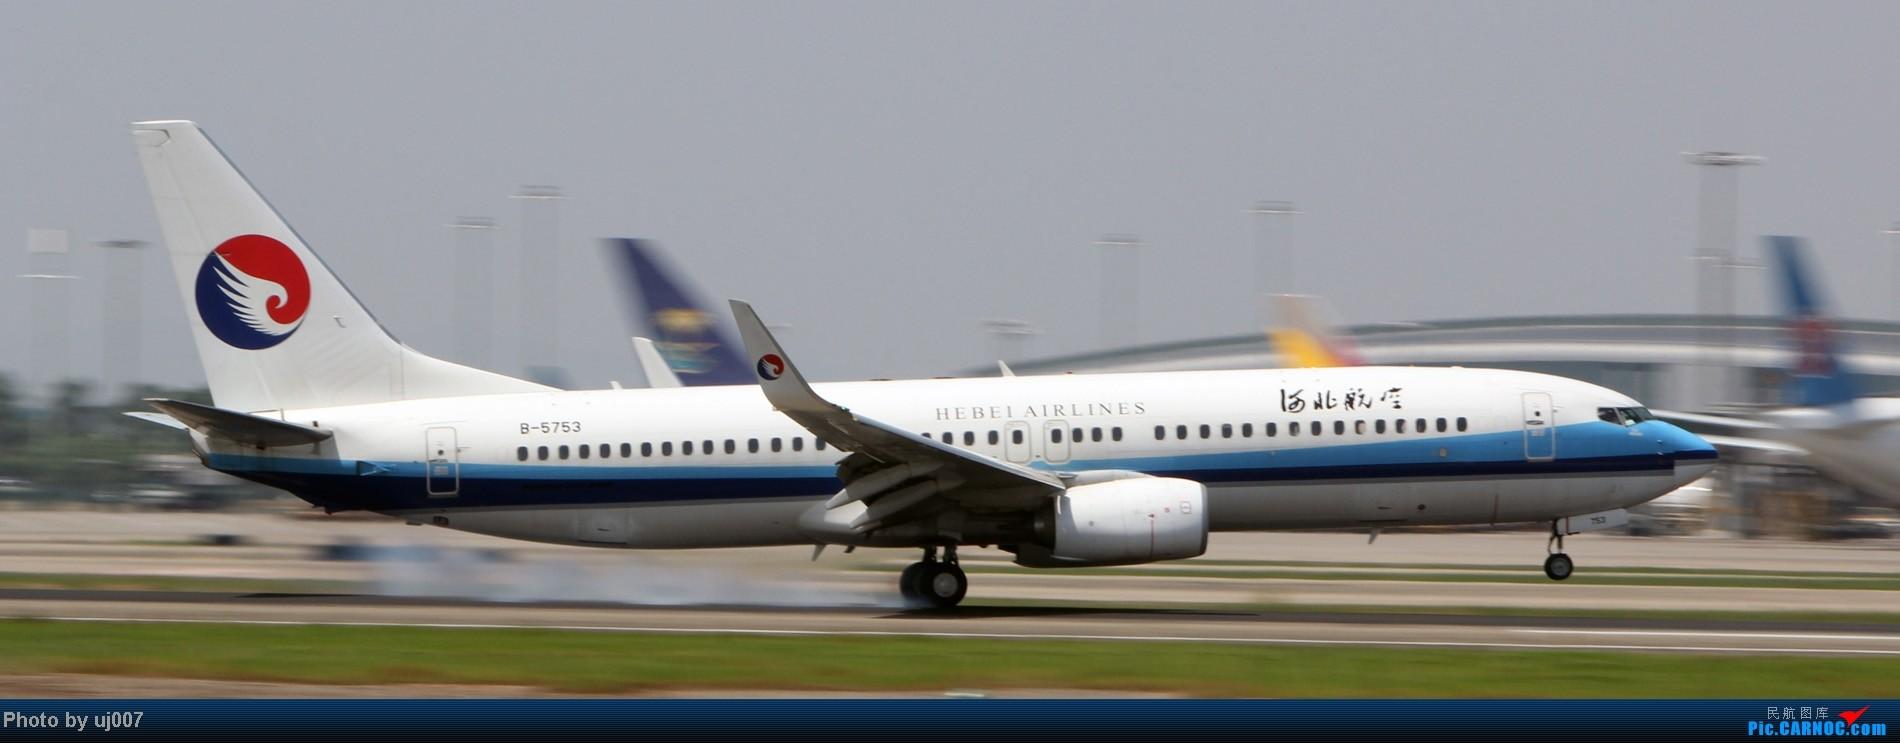 Re:[原创]10月2日白云拍机(大飞机,特别妆,外航,闪灯,擦烟)求指点. BOEING 737-800 B-5753 中国广州白云机场